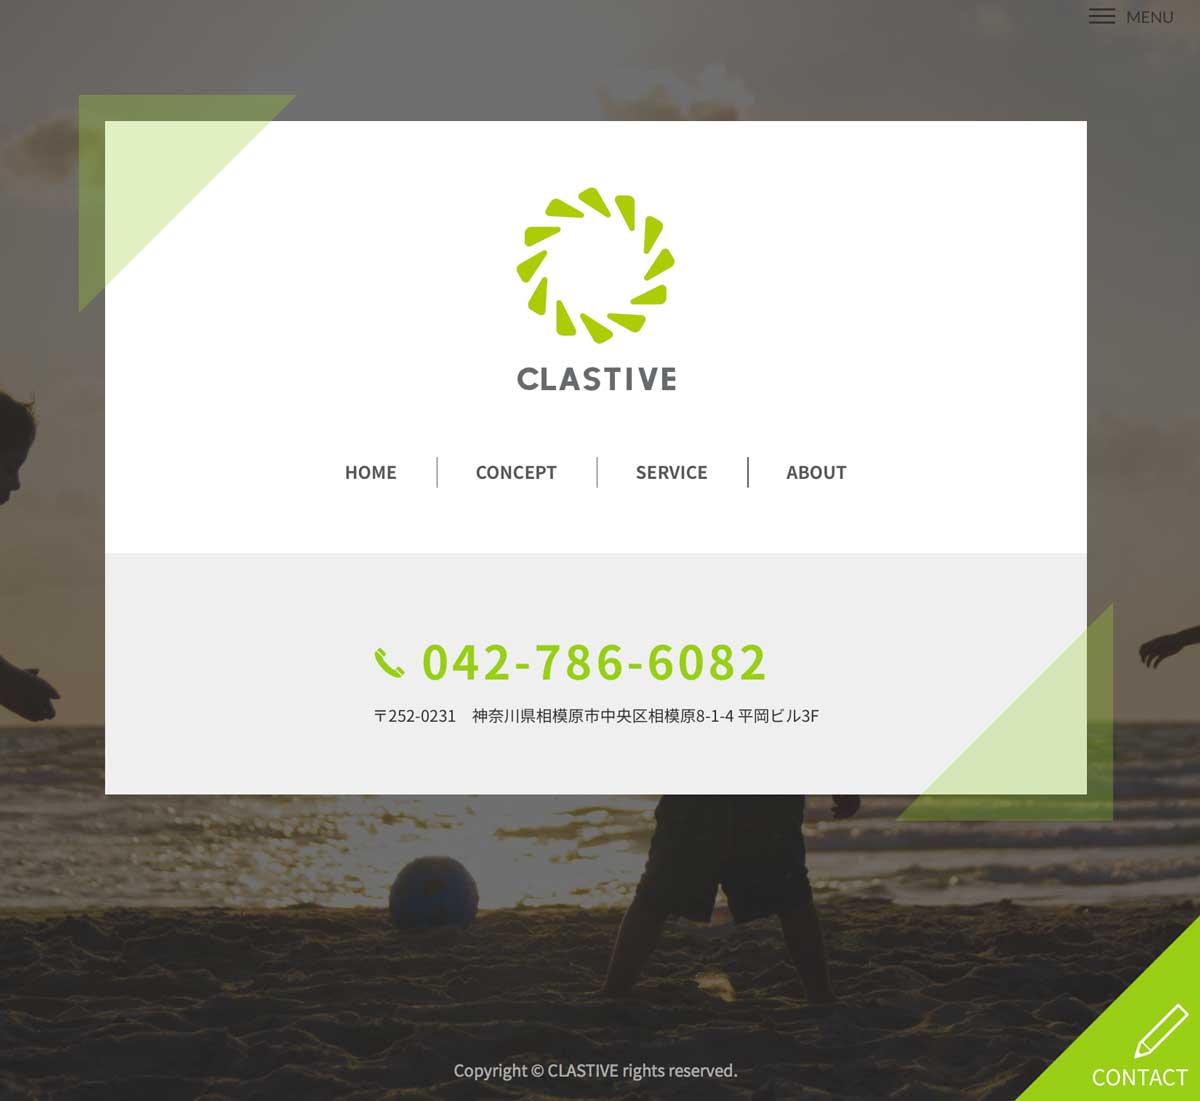 株式会社クラスティブさんの公式企業サイト(公式ホームページ)が公開され話題!その特徴やサービス内容、評価や評判、レビュー、クチコミなどをまとめた! clastive_05